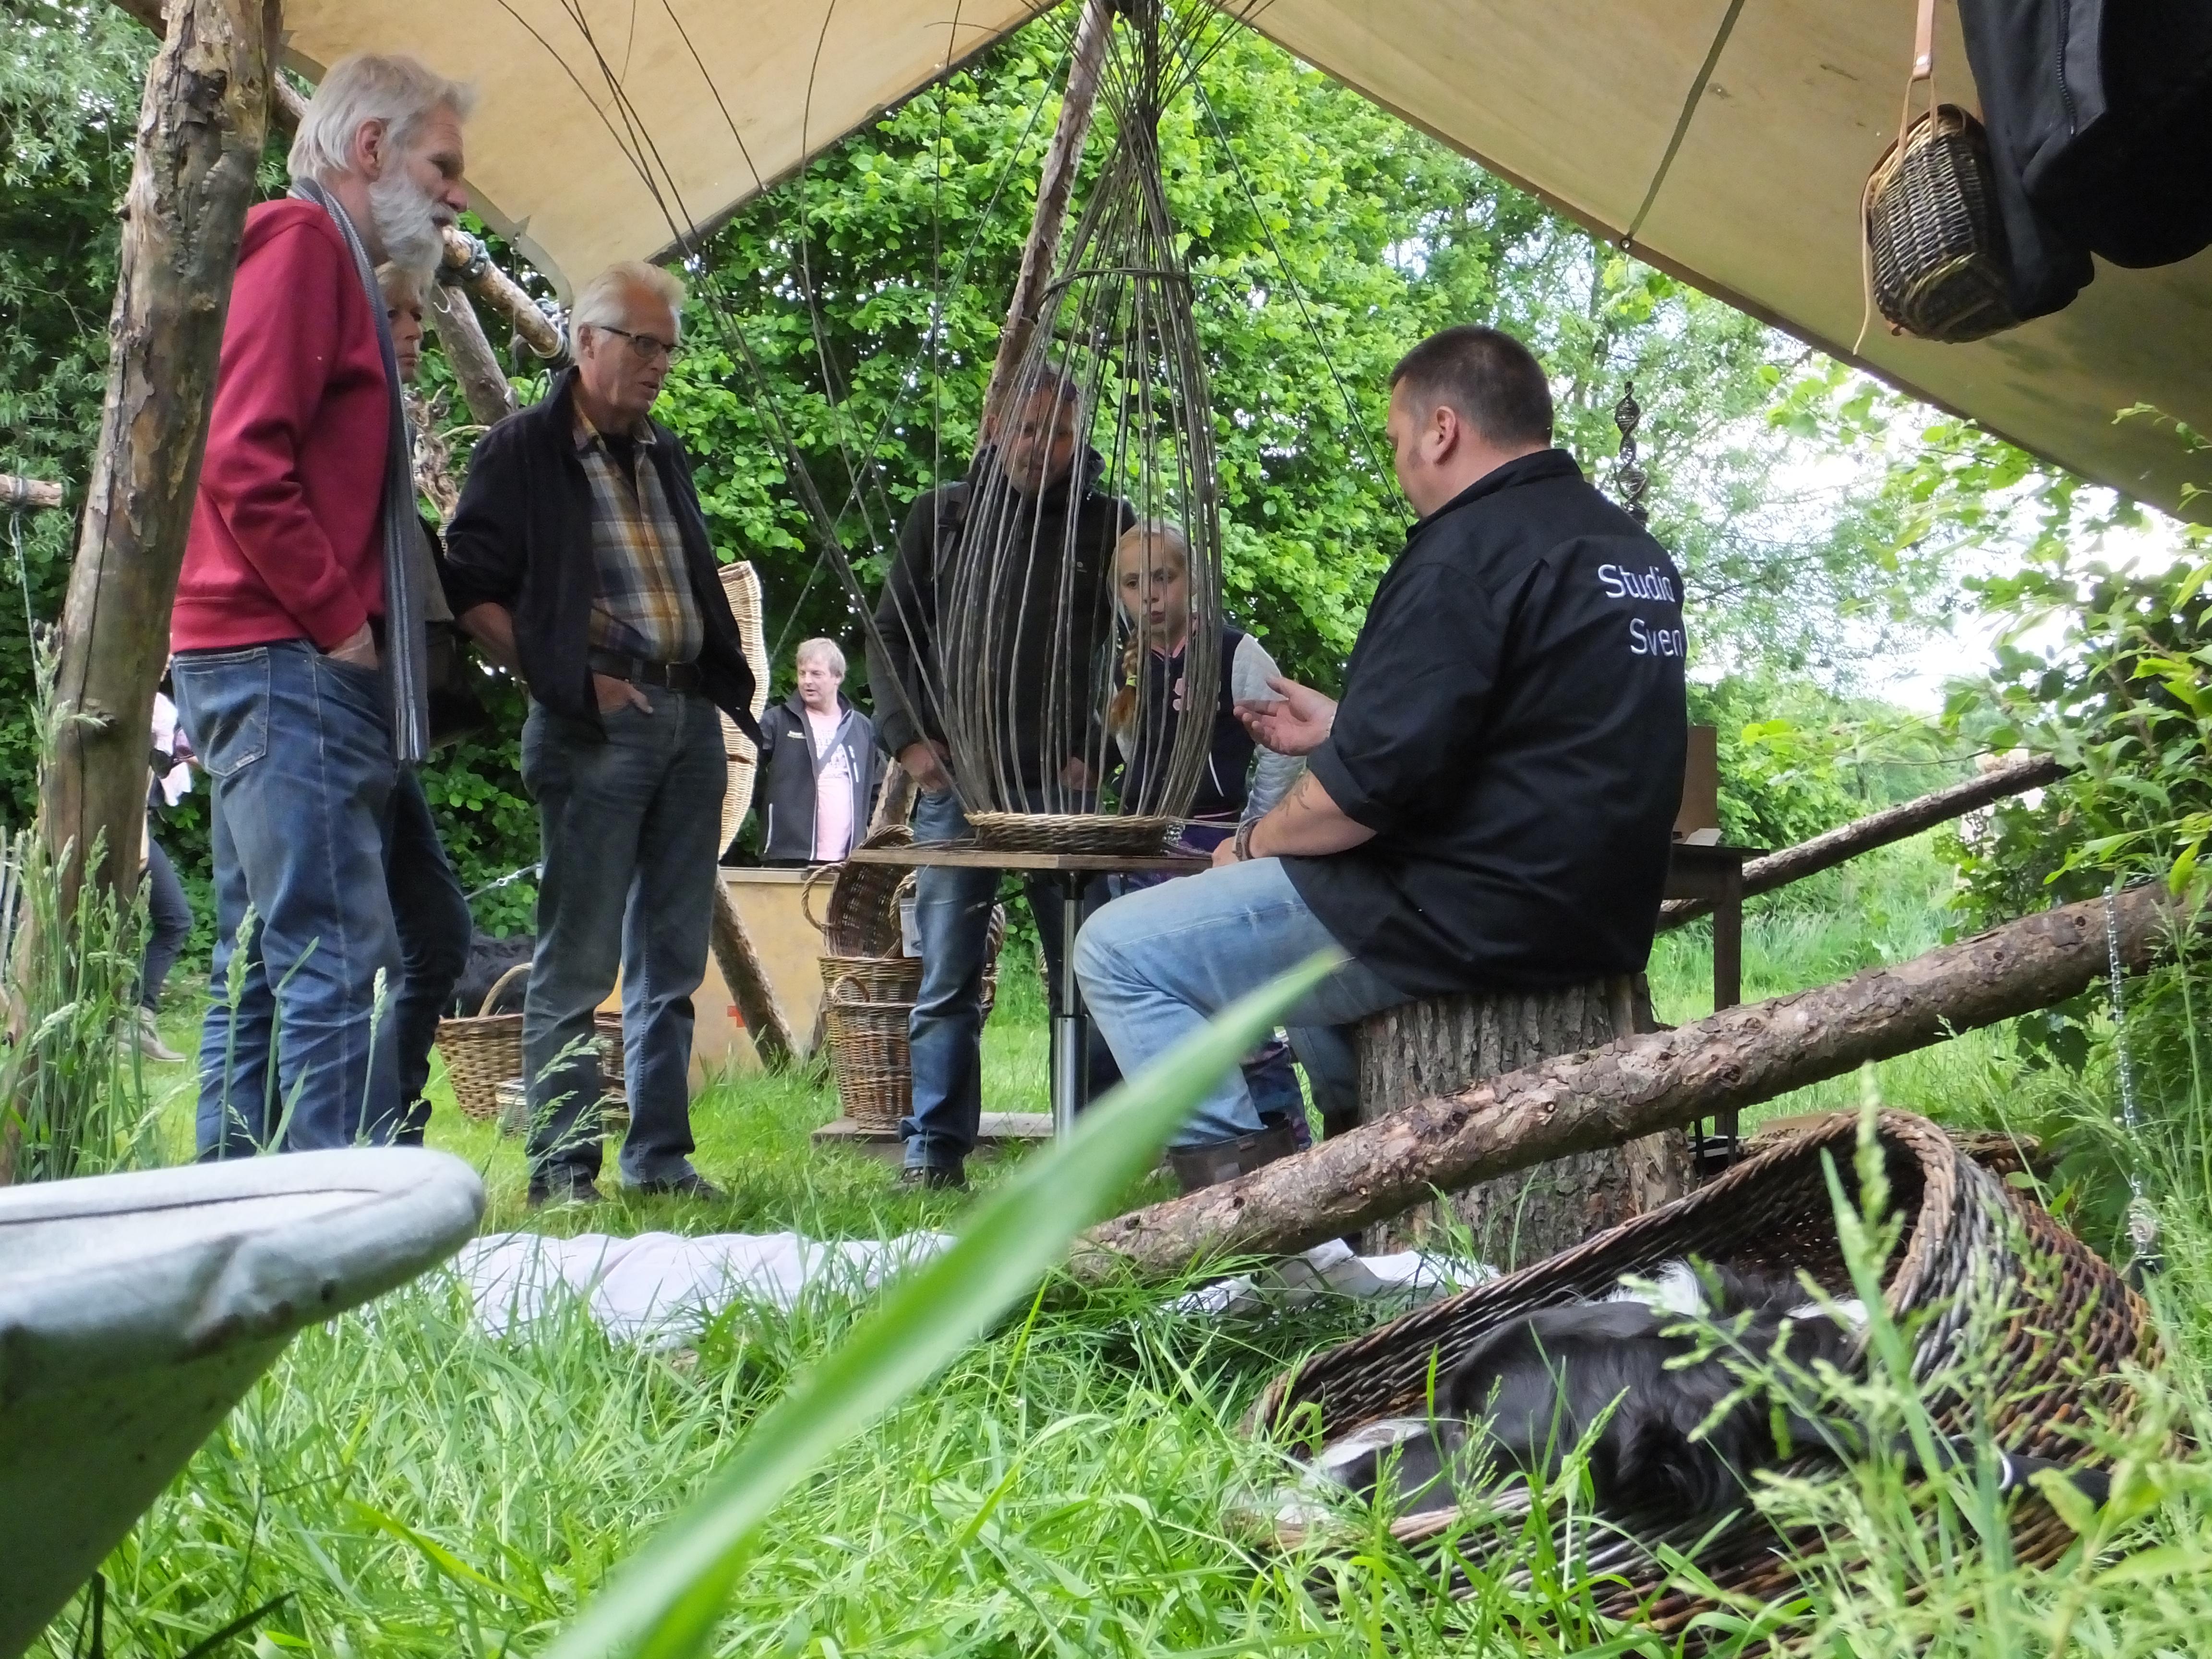 Dscf0359 workshops in de natuur - Steen ijzer smeden ...